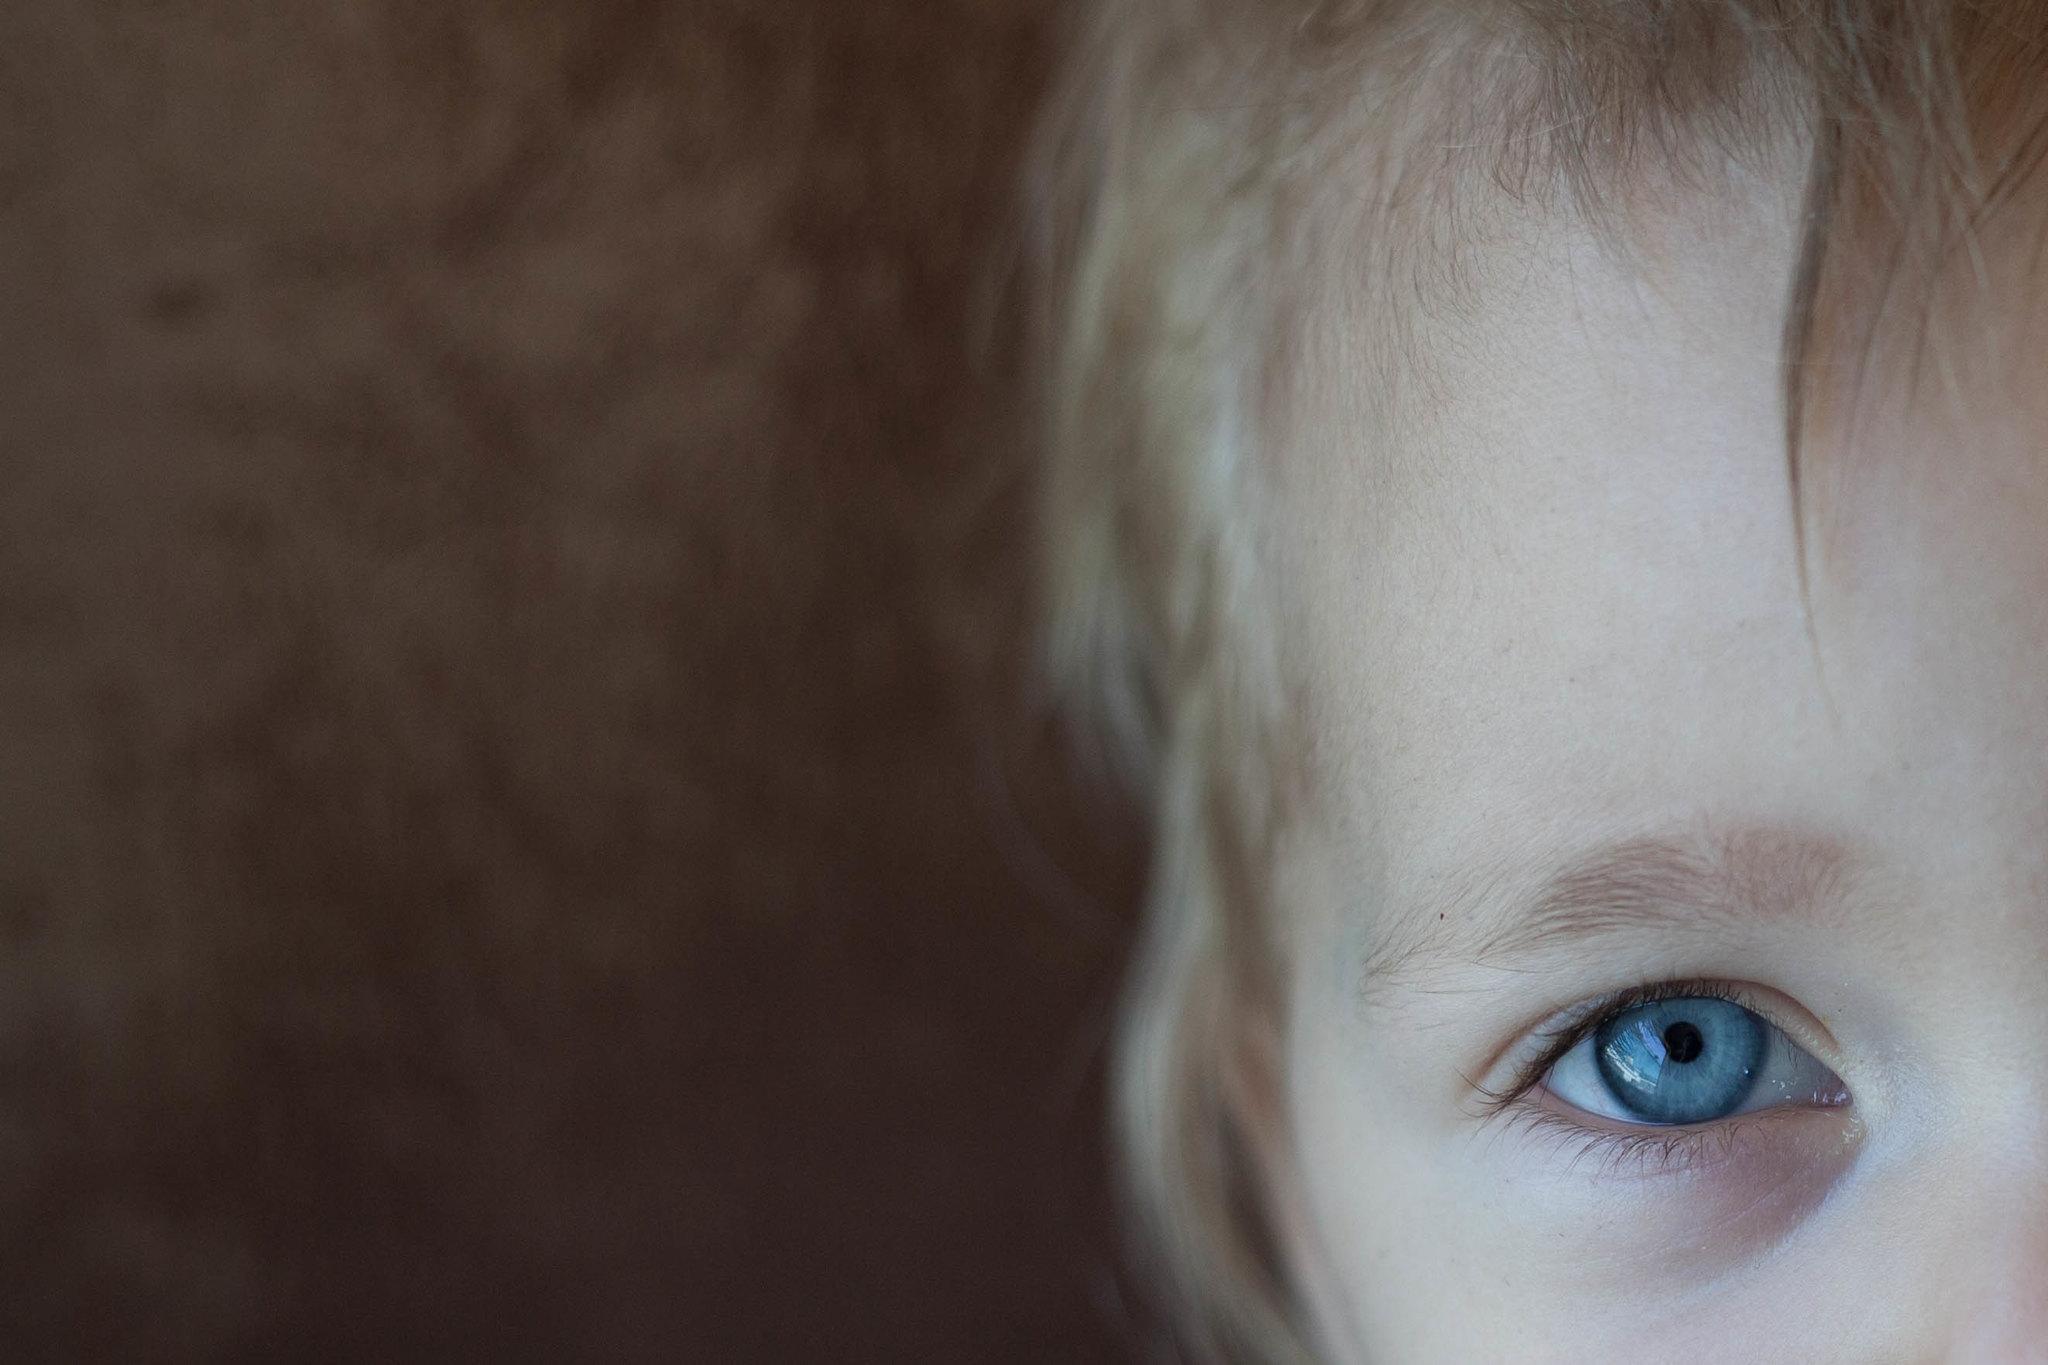 Vapur eyes